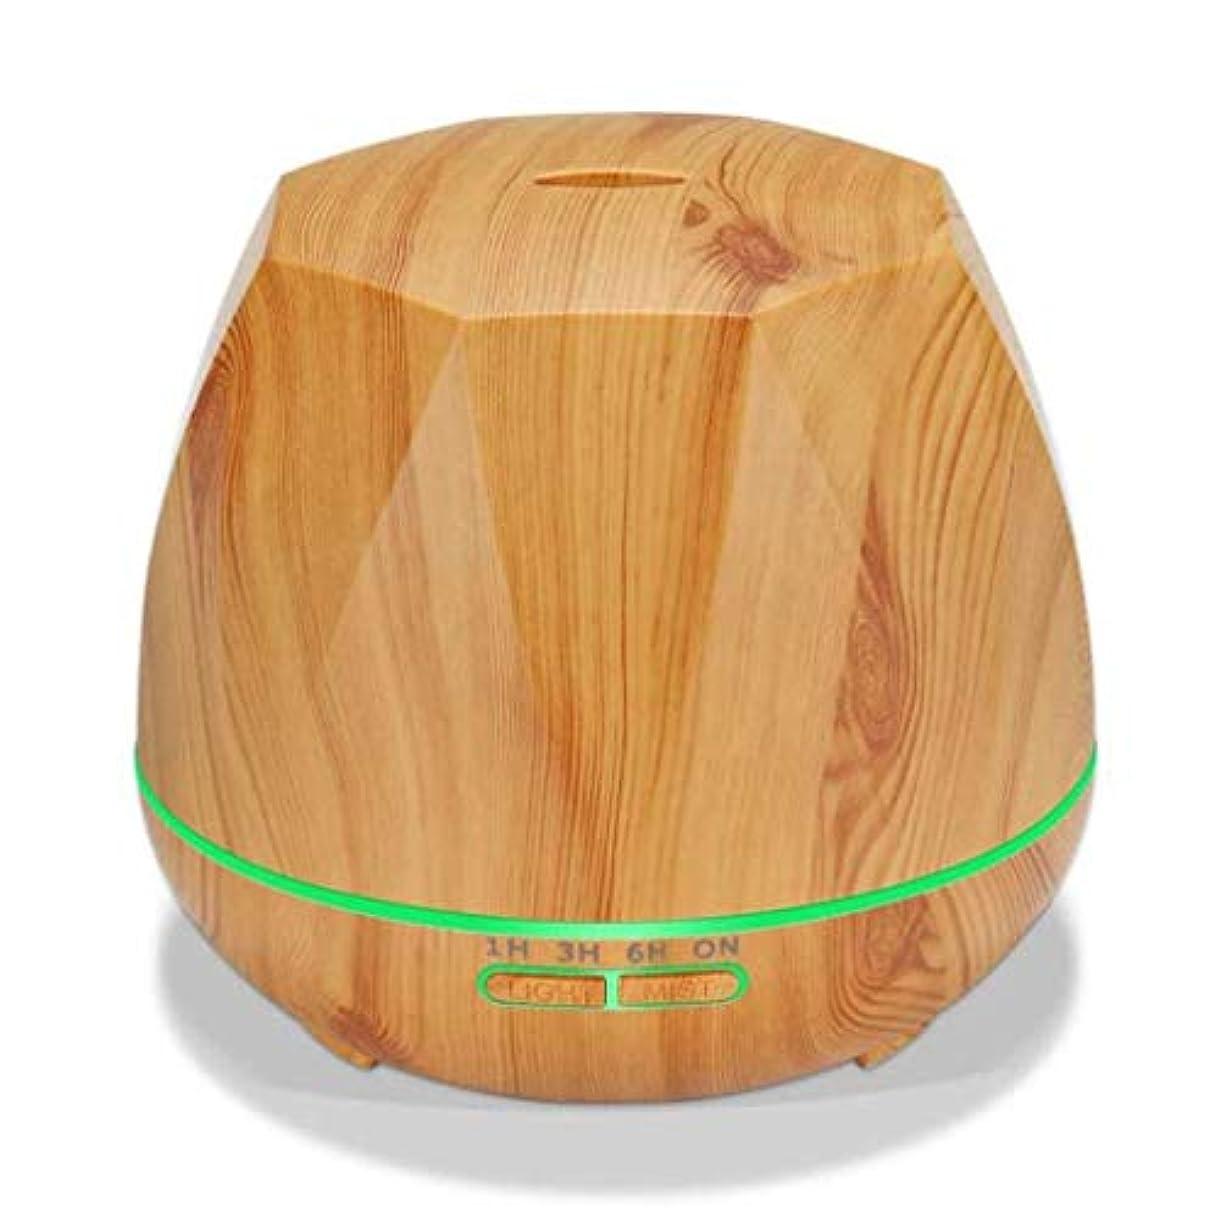 ボス処方漫画クールミスト空気加湿器、カラーLEDライト付き交換用超音波、ヨガ、オフィス、スパ、寝室、ベビールーム - 木目調 (Color : Light wood grain)